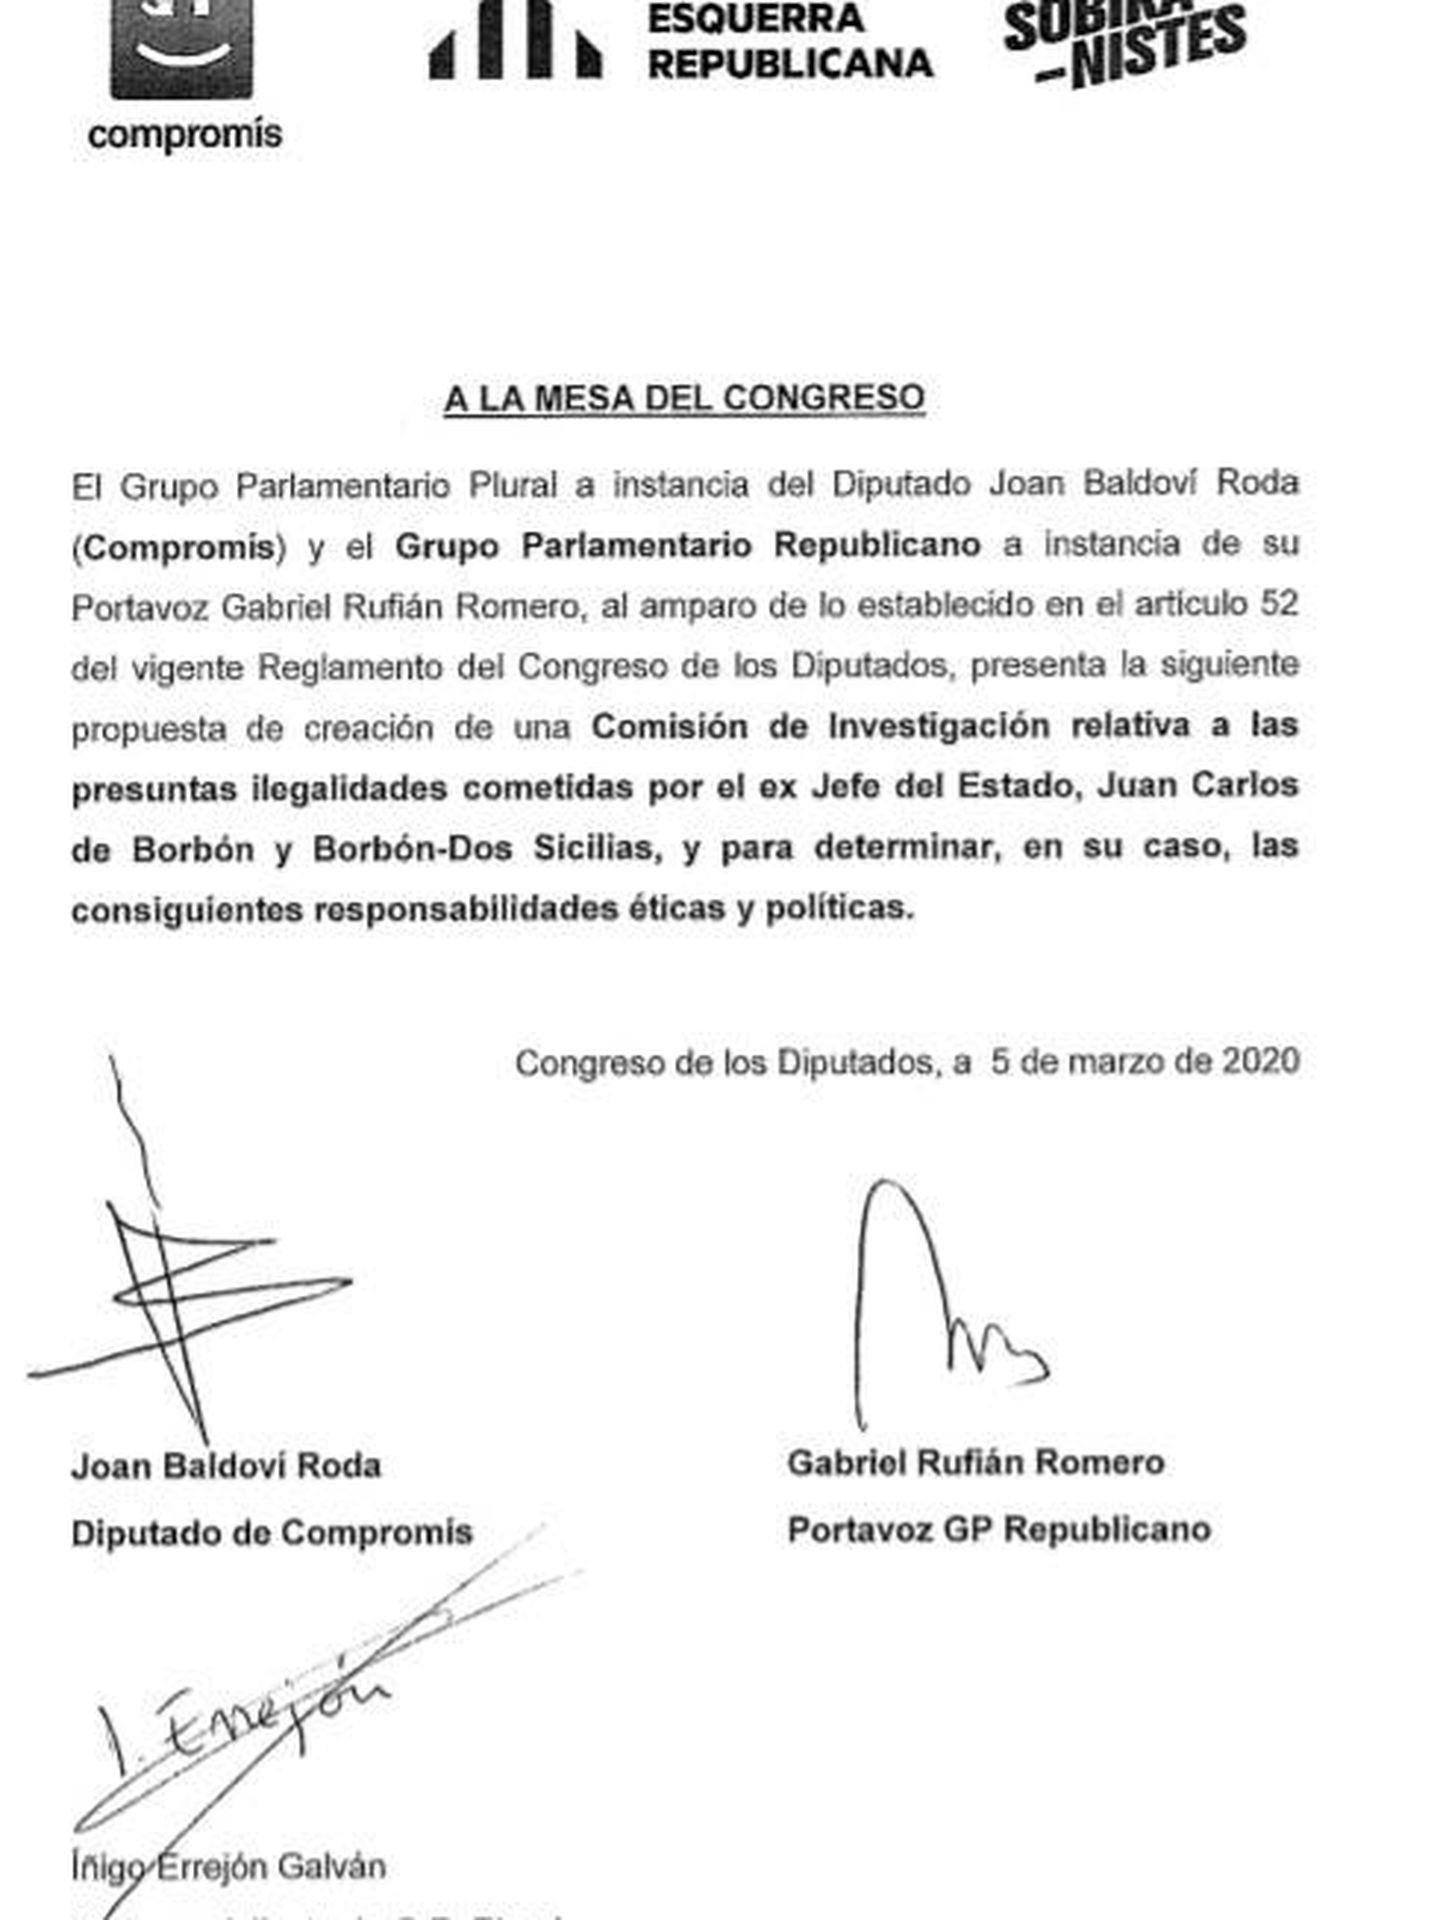 Consulte aquí en PDF la petición de ERC y Compromís de creación de comisión de investigación sobre las presuntas ilegalidades cometidas por el rey Juan Carlos.